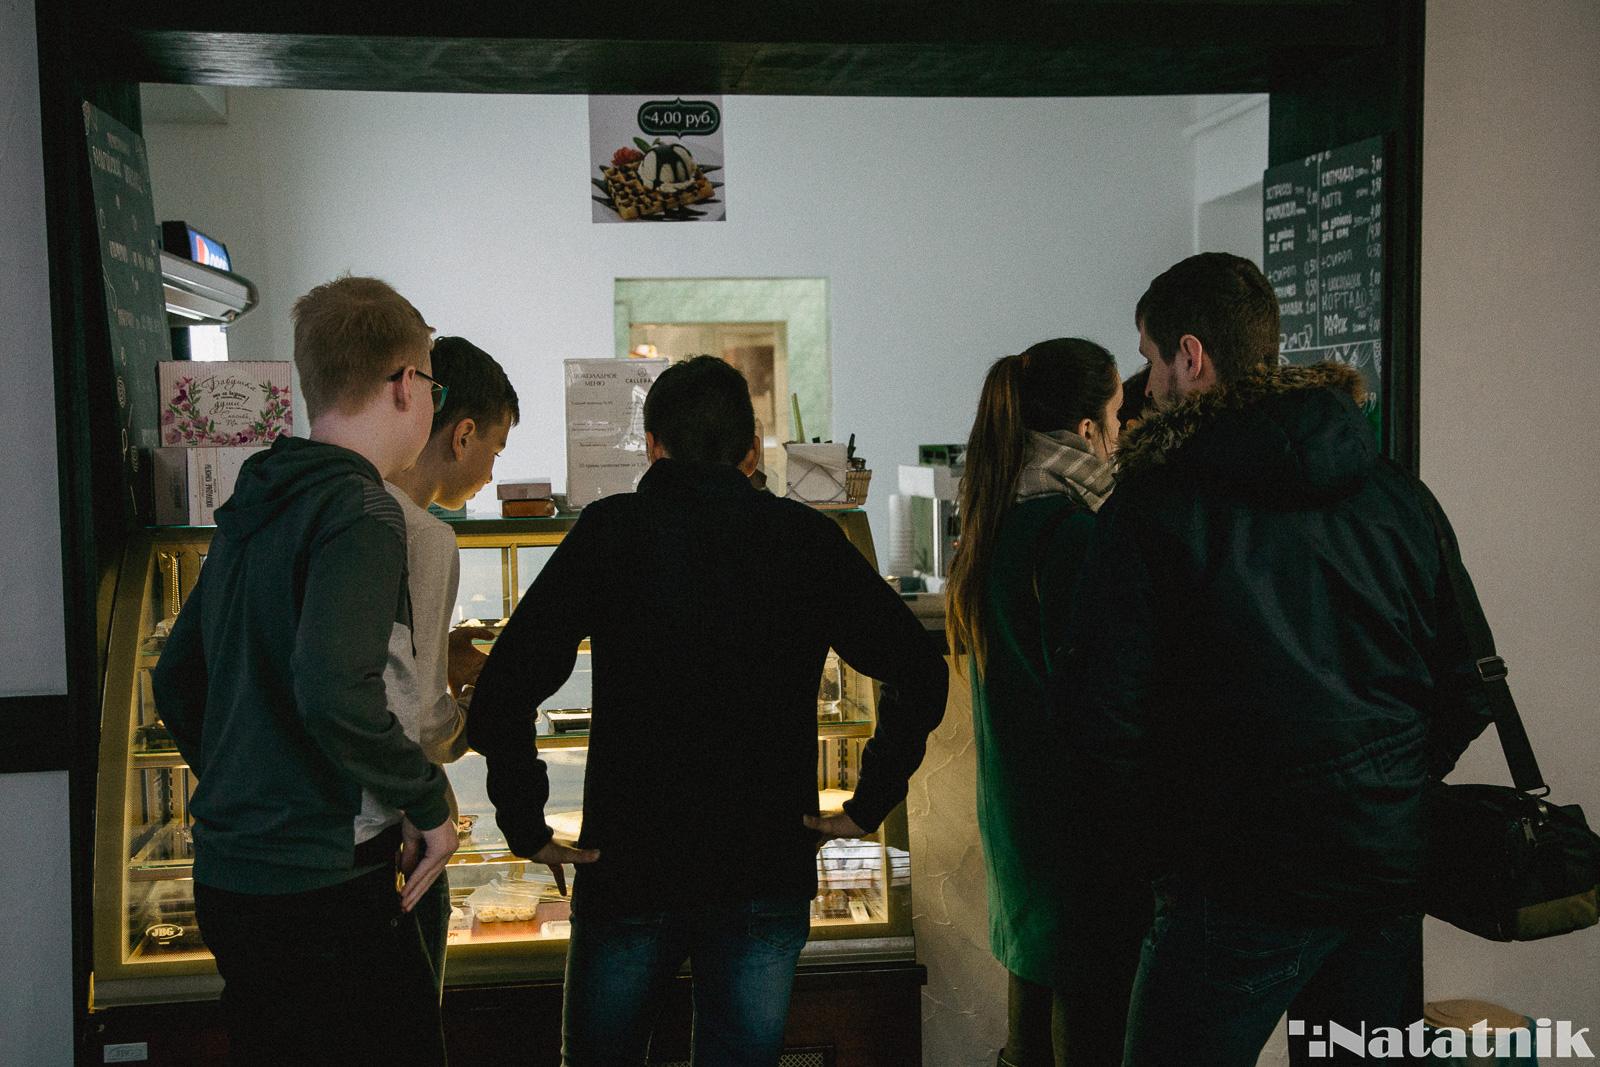 кофе, шоколад, десерты, амеркиано, капучино